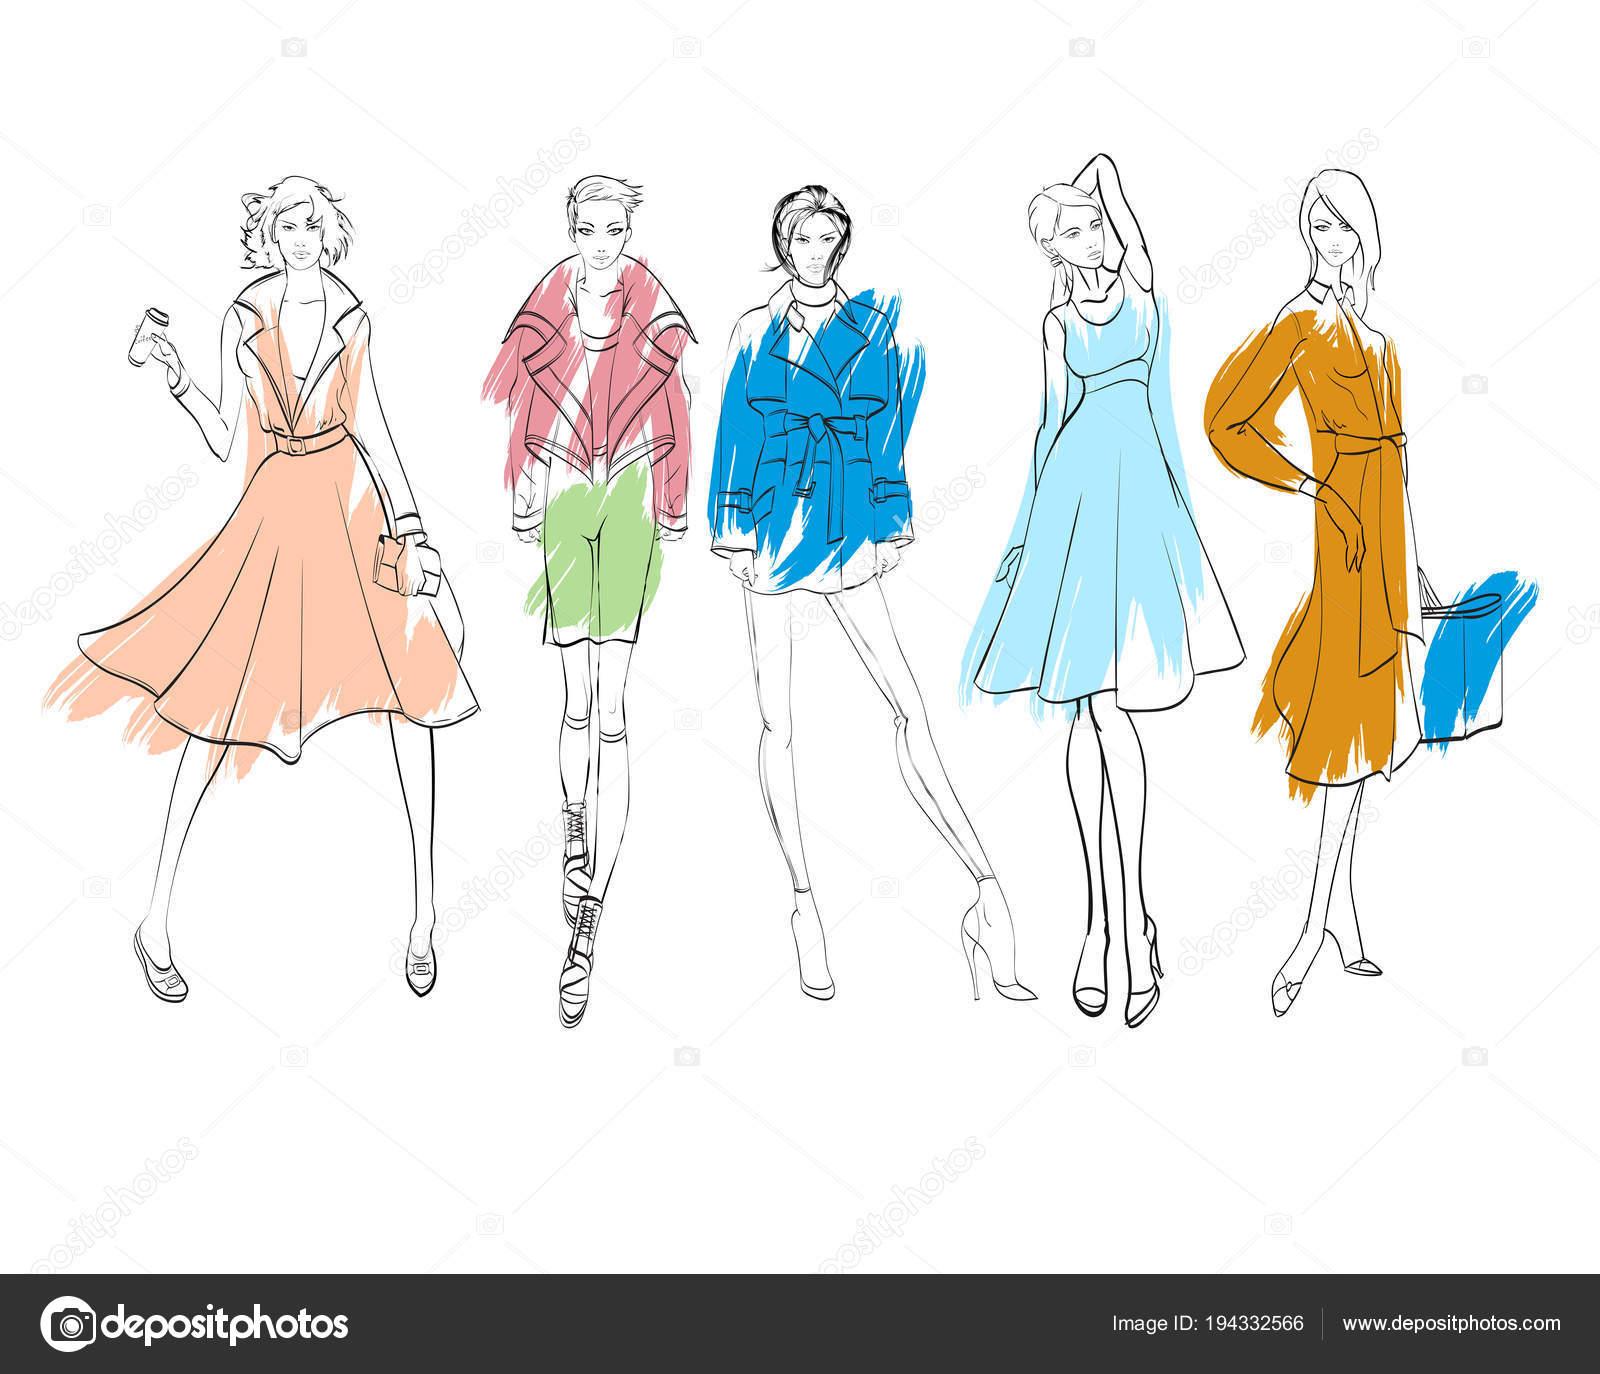 a86ec6bdb17b Illustrazione di moda. Modelli di vestiti alla moda. Moda ragazze insieme.  Schizzo. Ragazze in abito